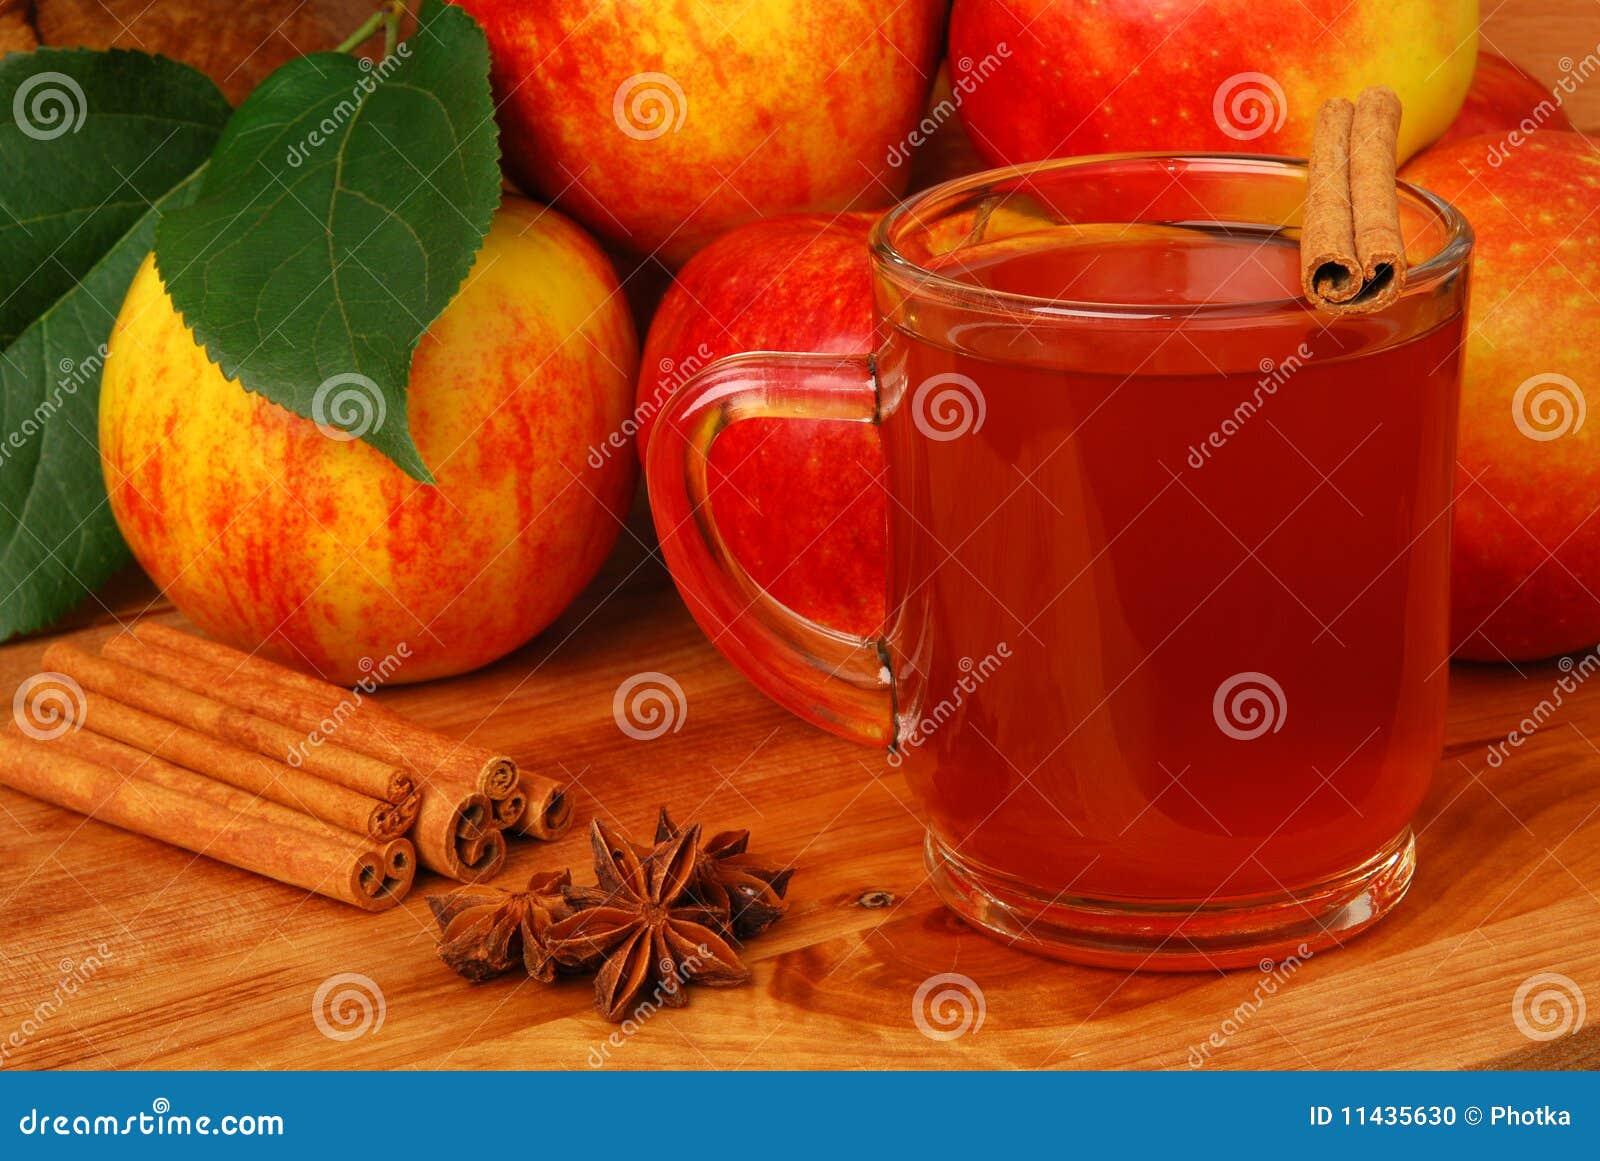 сидр яблока